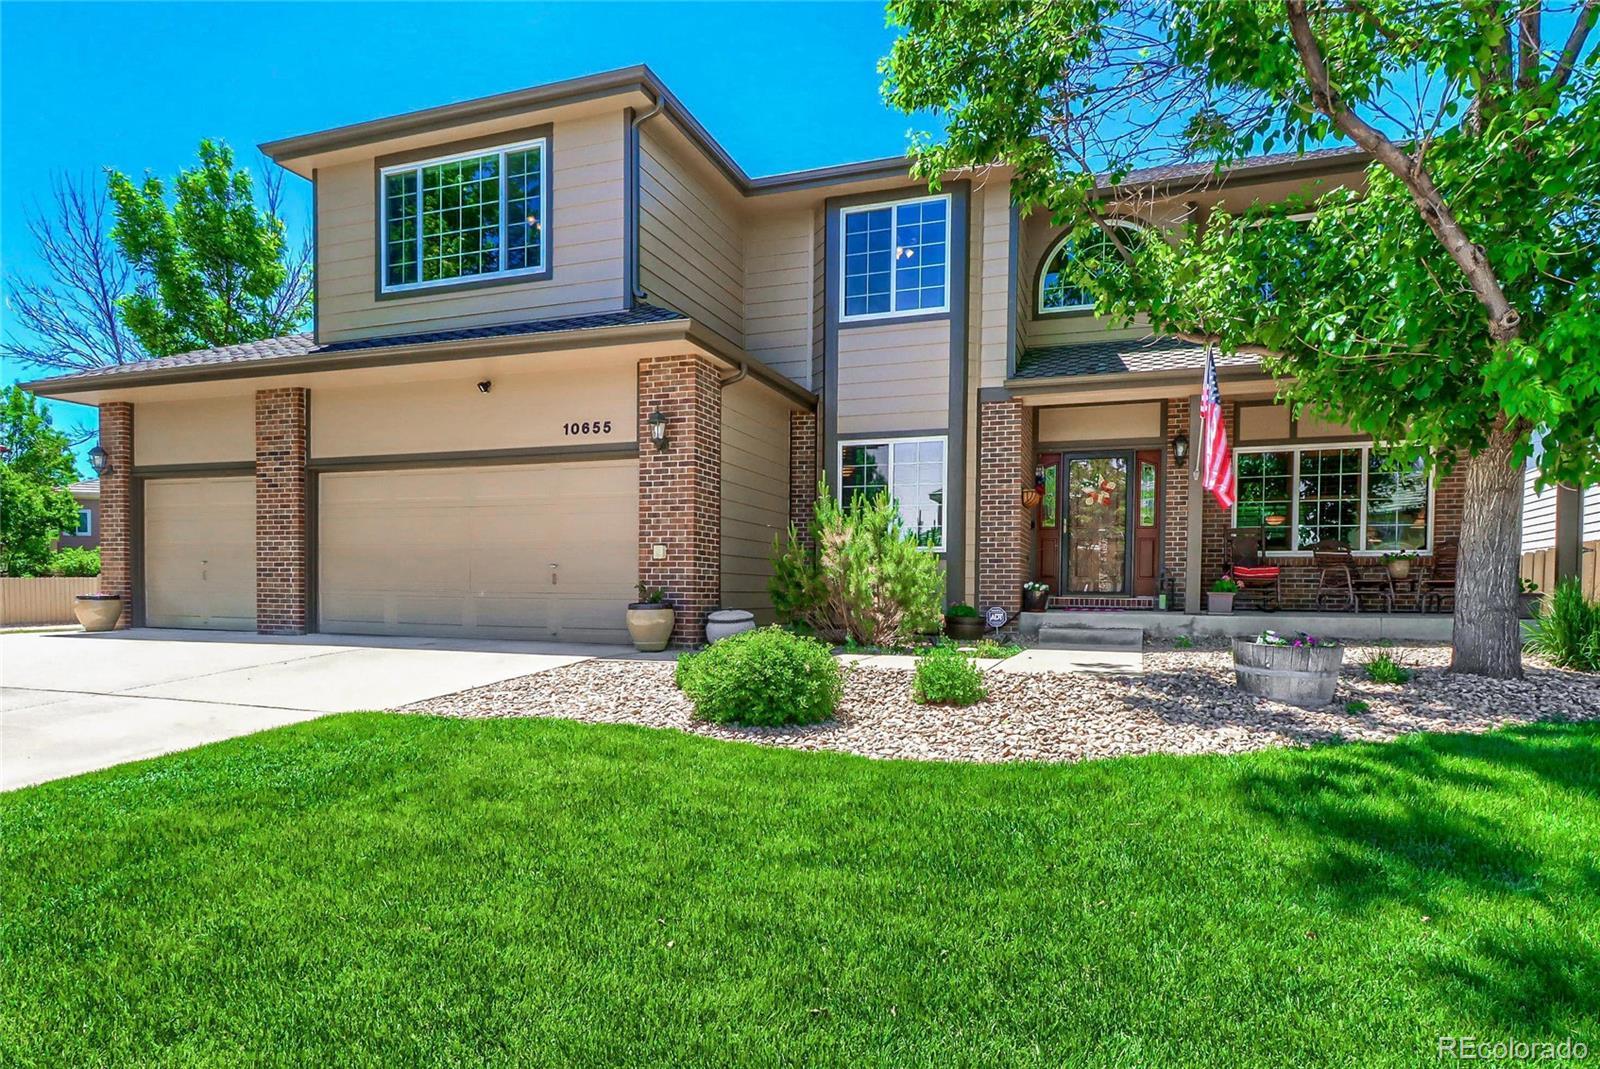 10655 Flagler Court Property Photo - Parker, CO real estate listing